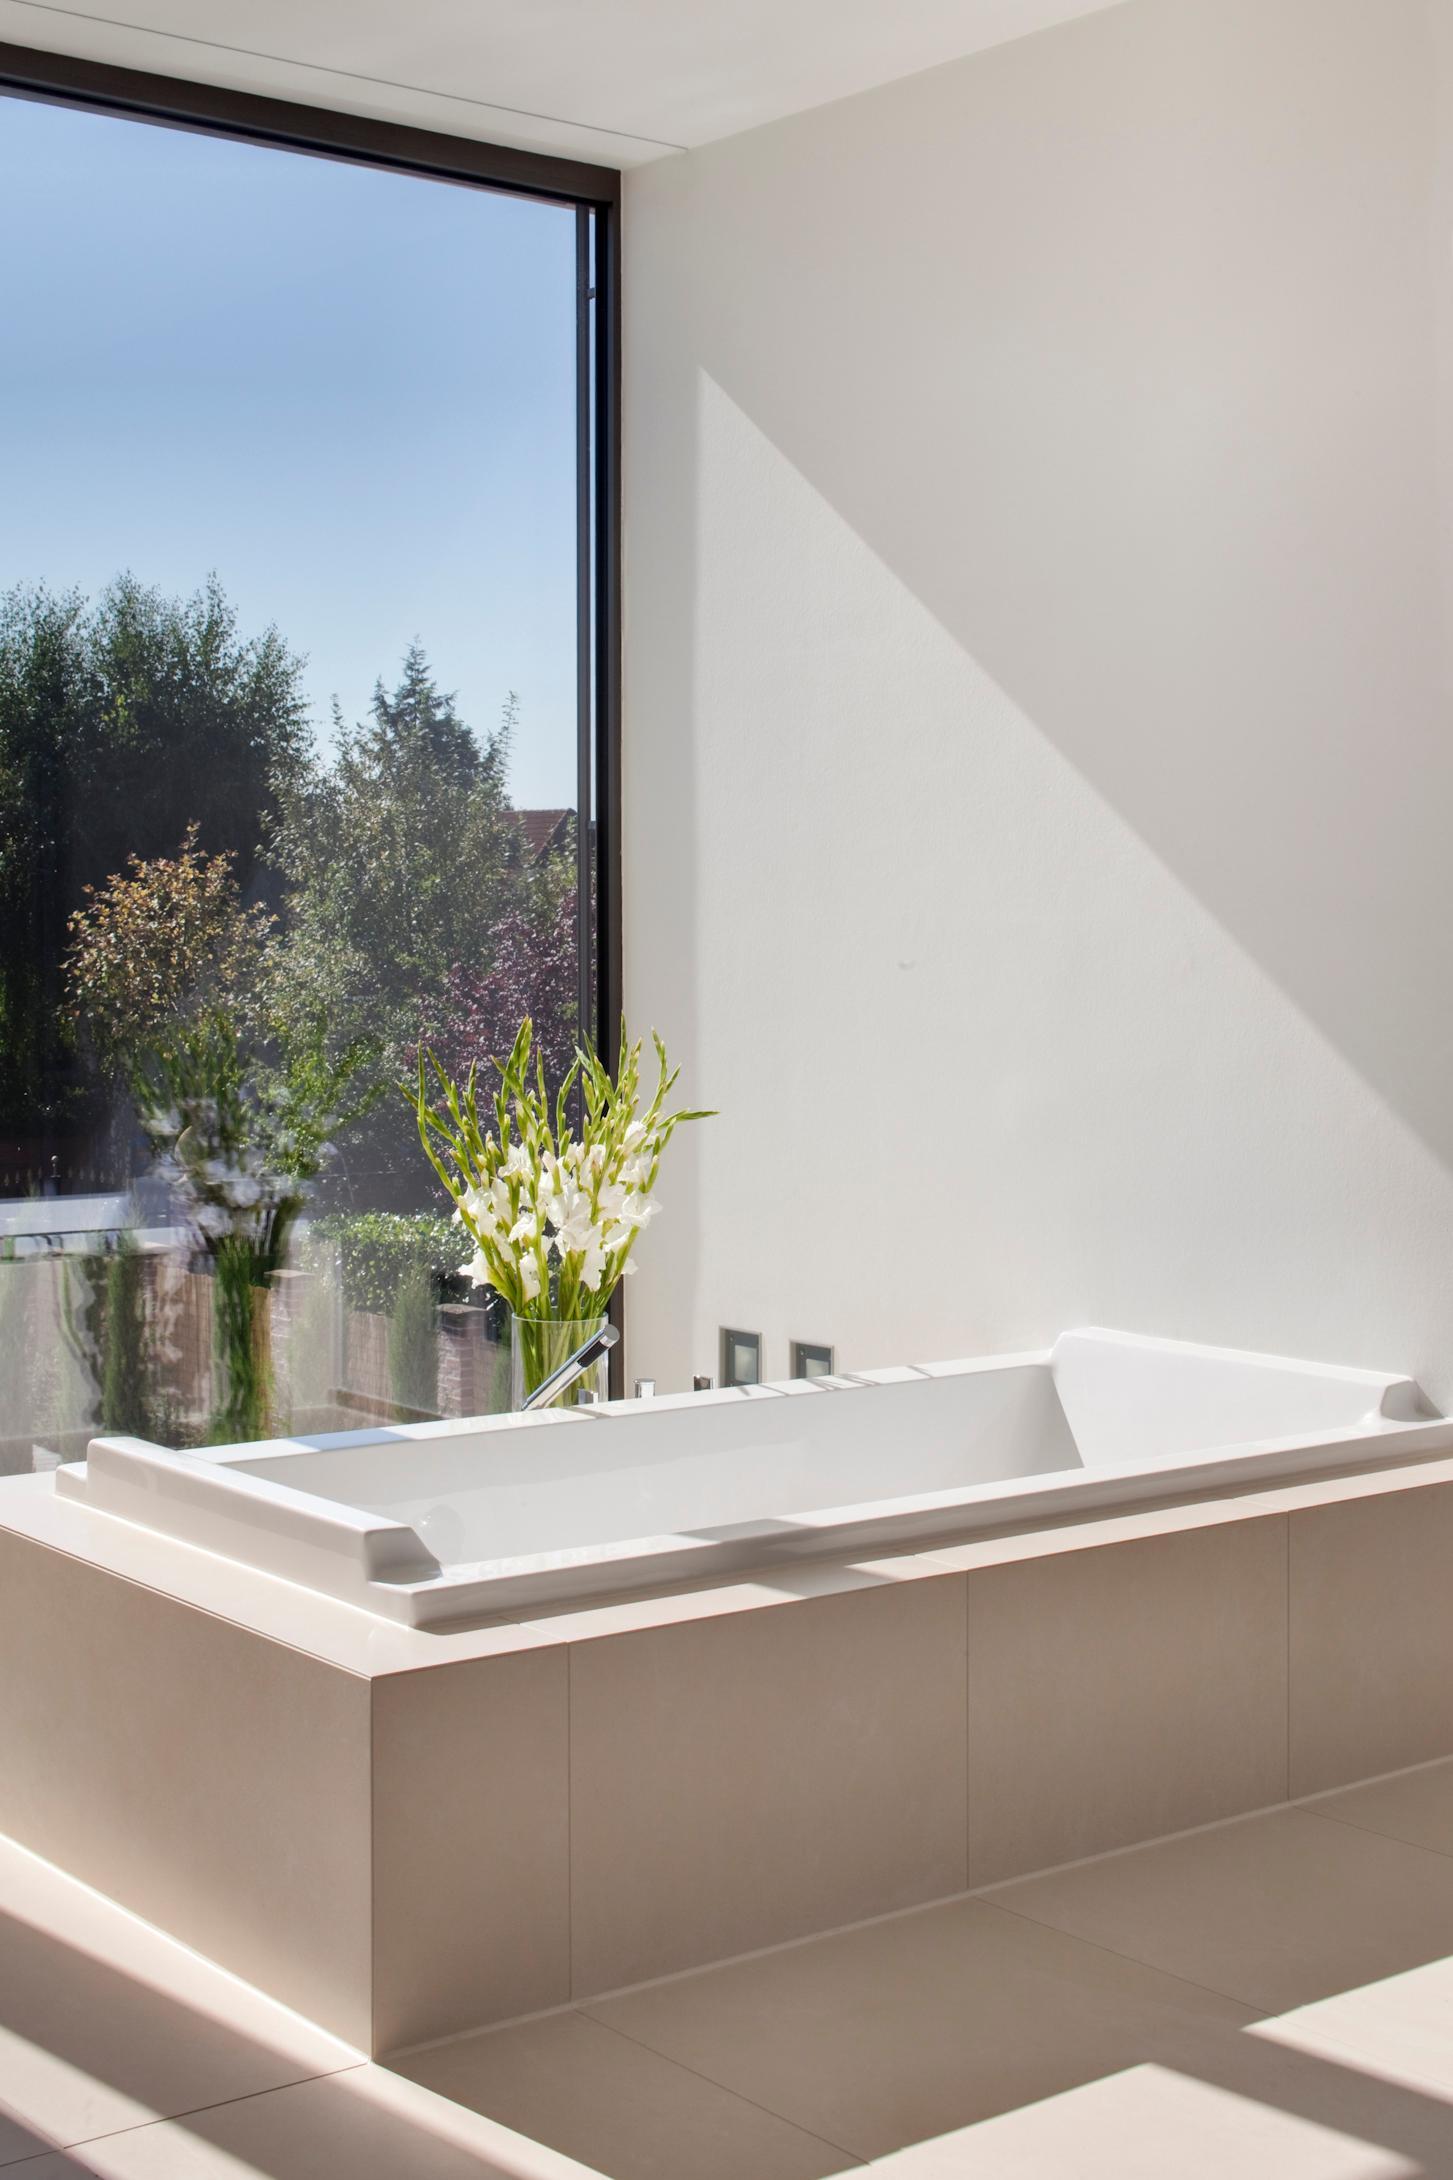 Badezimmer Badewanne Mit Blick Bodenvase Skandella Architektur Innenarchitektur